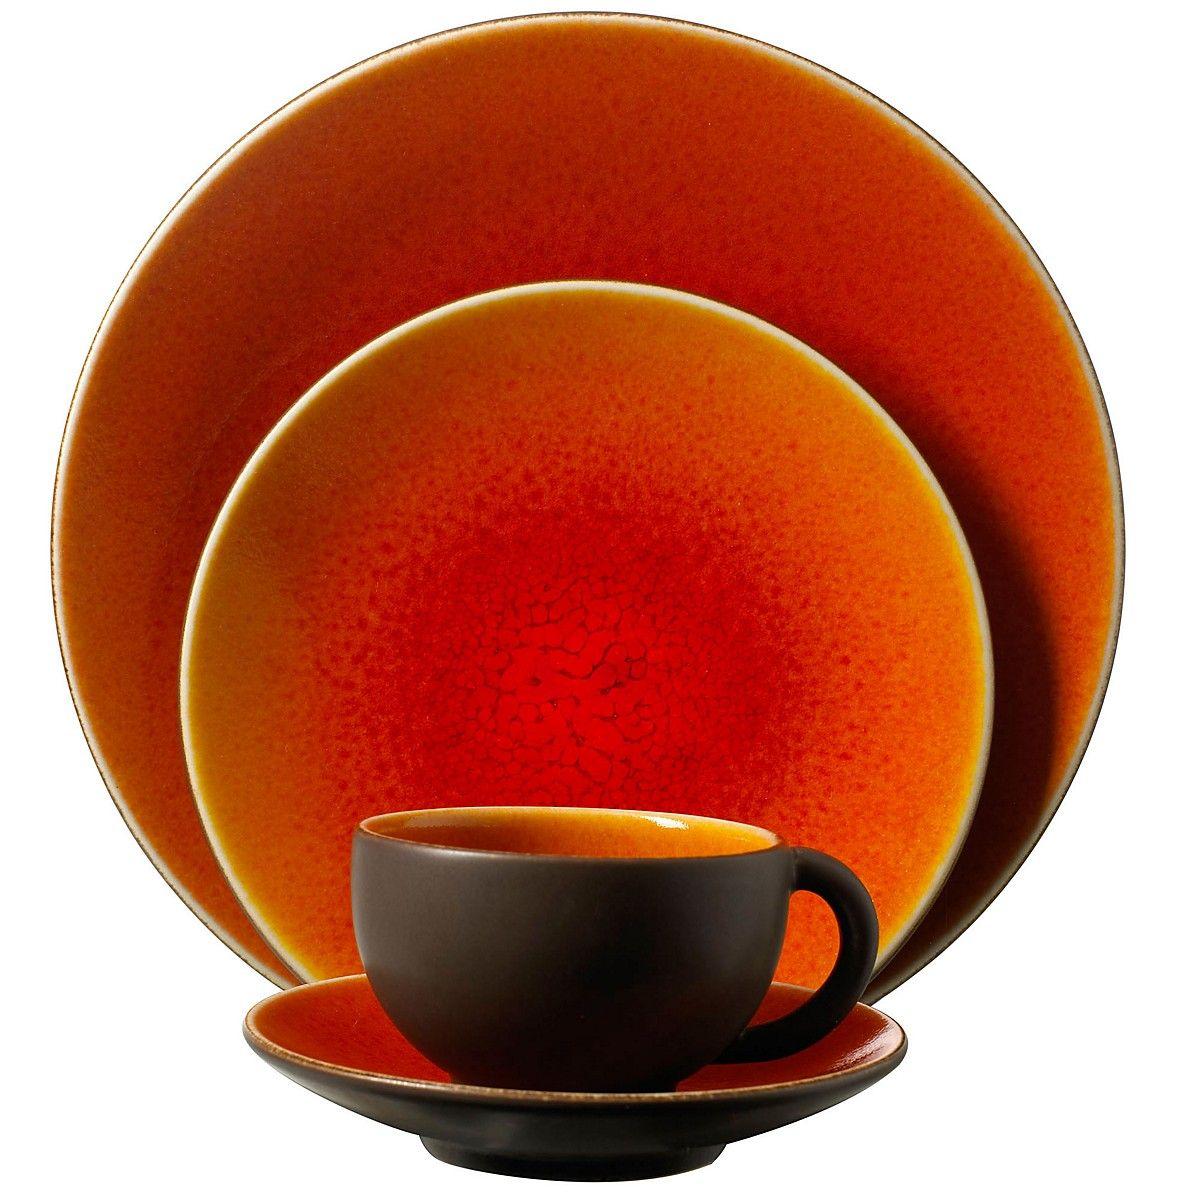 Jars Tourron Pigments Dinnerware | Bloomingdaleu0027s  sc 1 st  Pinterest & Jars Tourron Pigments Dinnerware | Bloomingdaleu0027s | Dinnerware ...